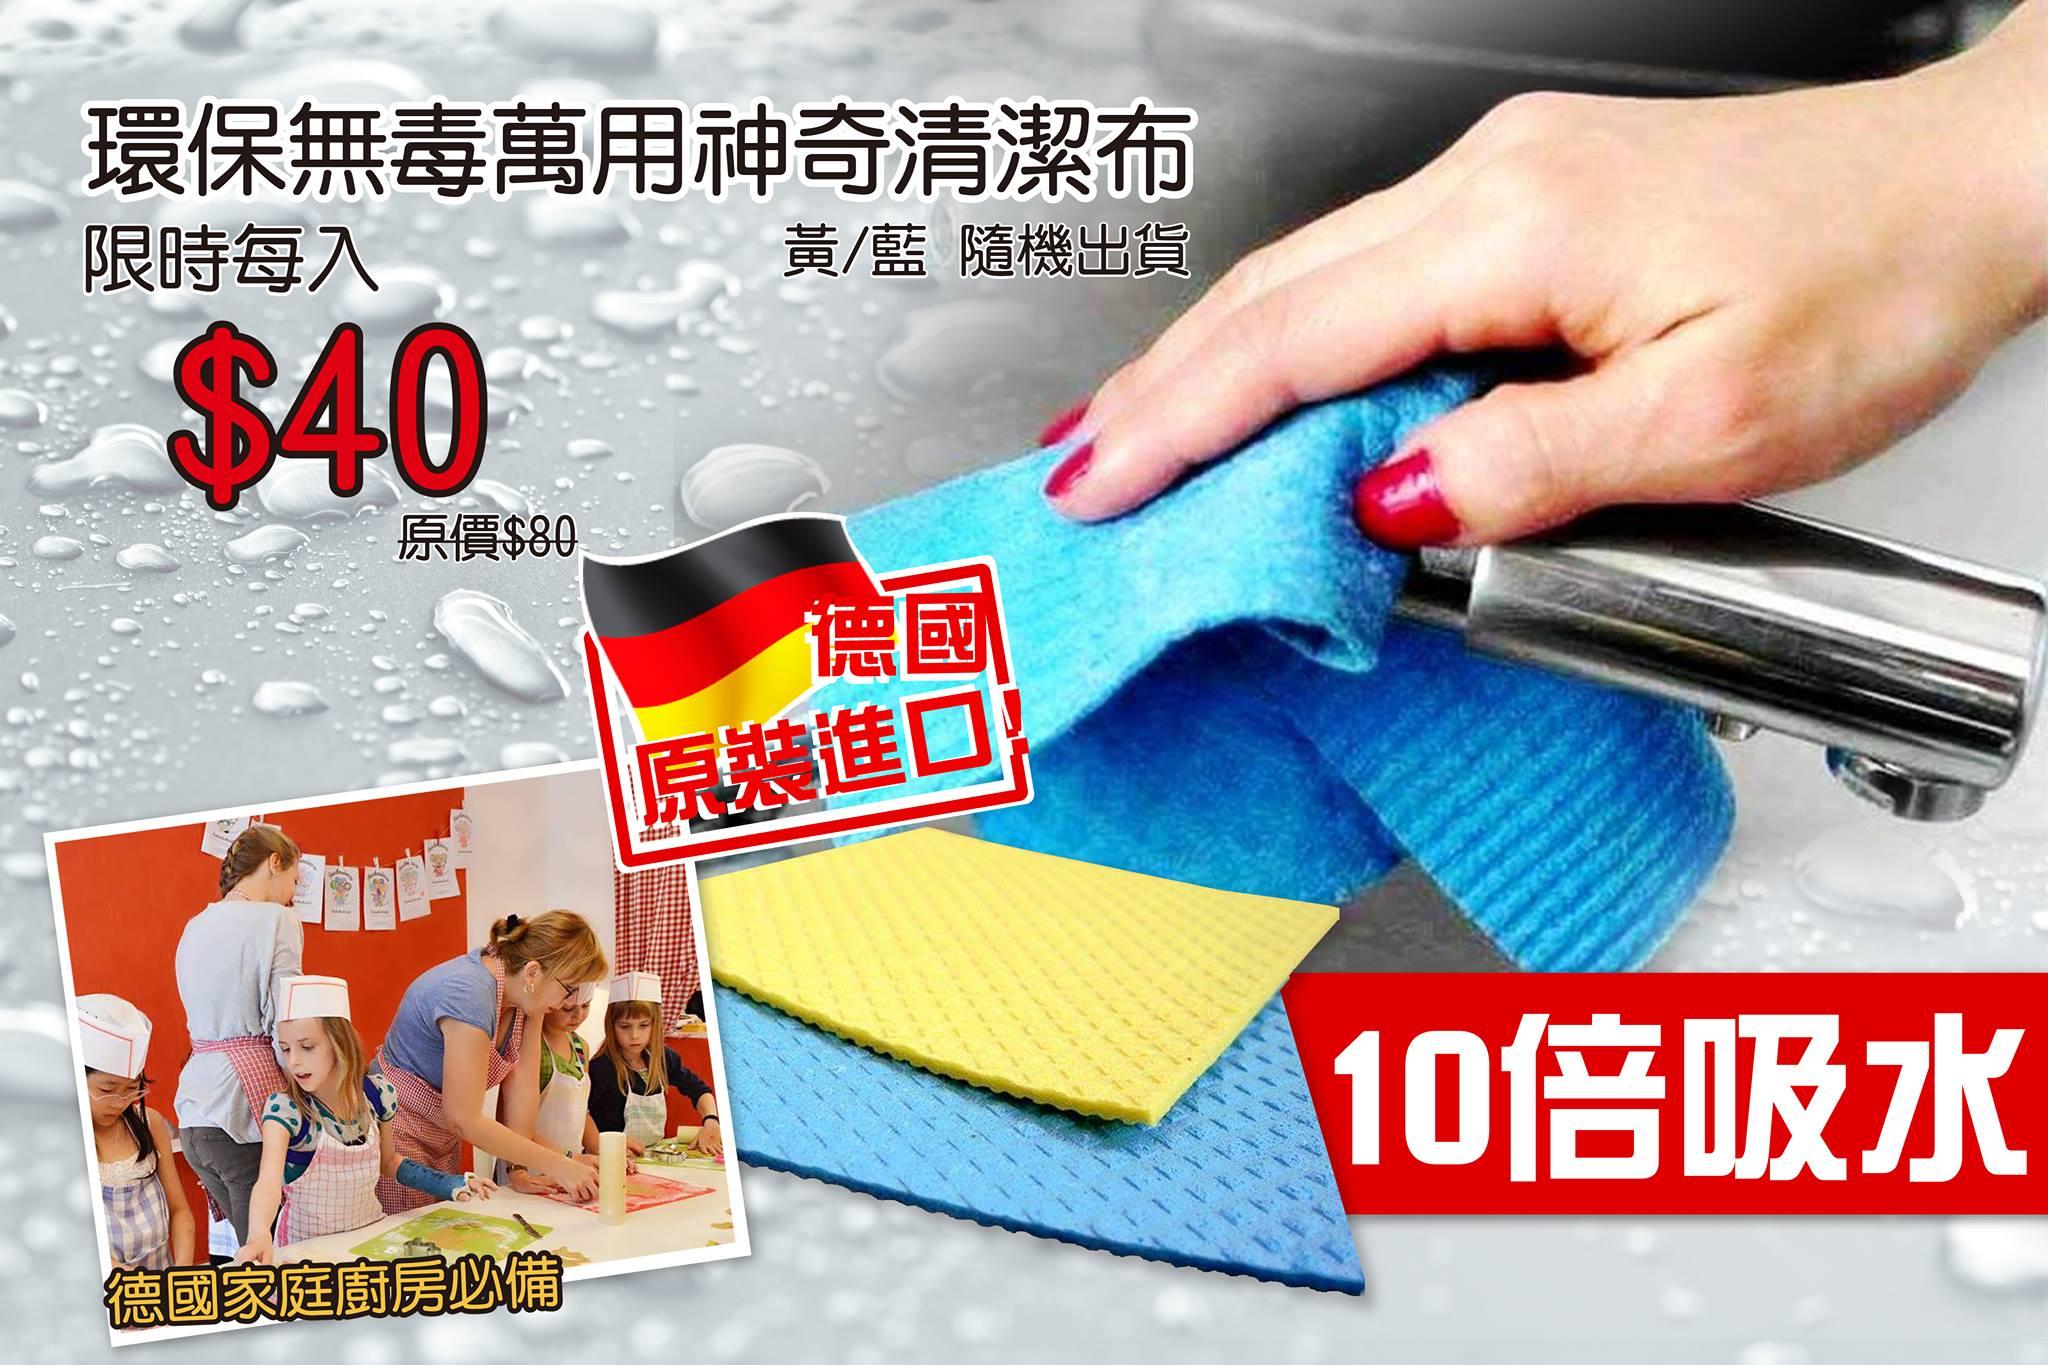 大片小片價199/5入/包,德易魔100%德國抹布 環保無毒神奇萬用清潔布